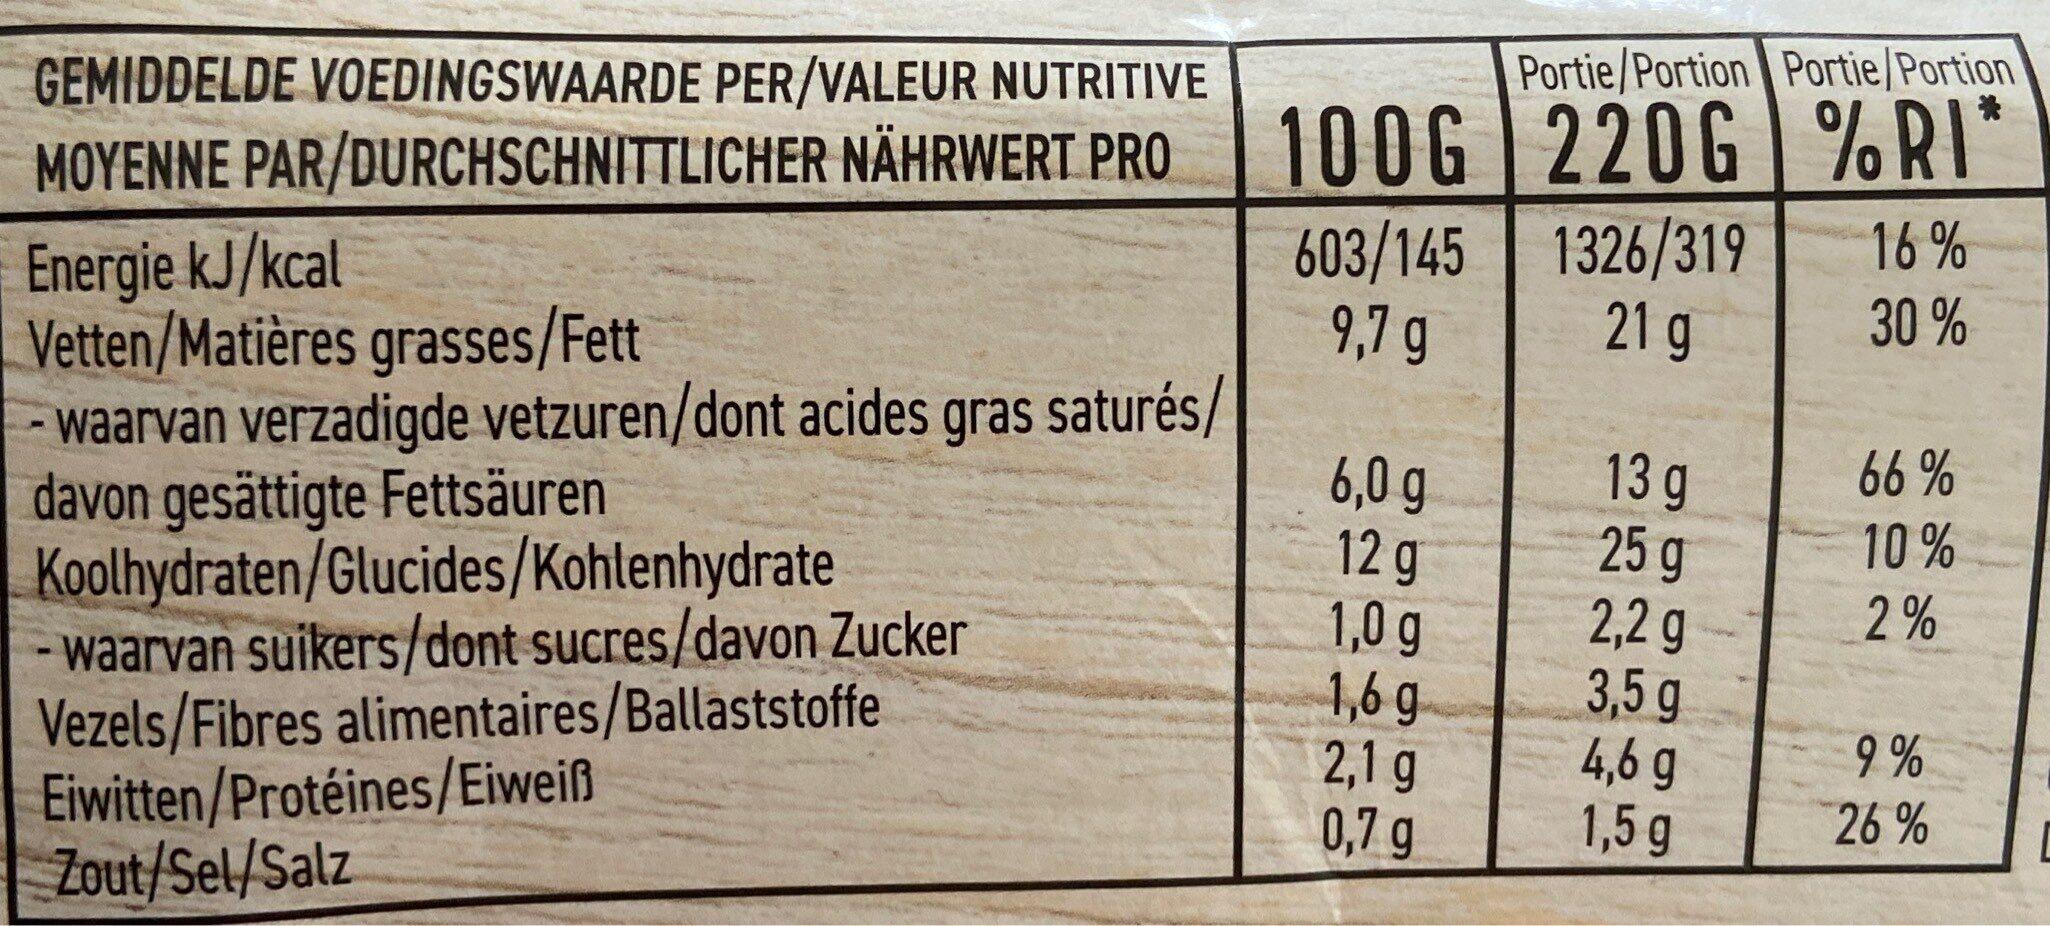 Purée de pommes de terre - Voedingswaarden